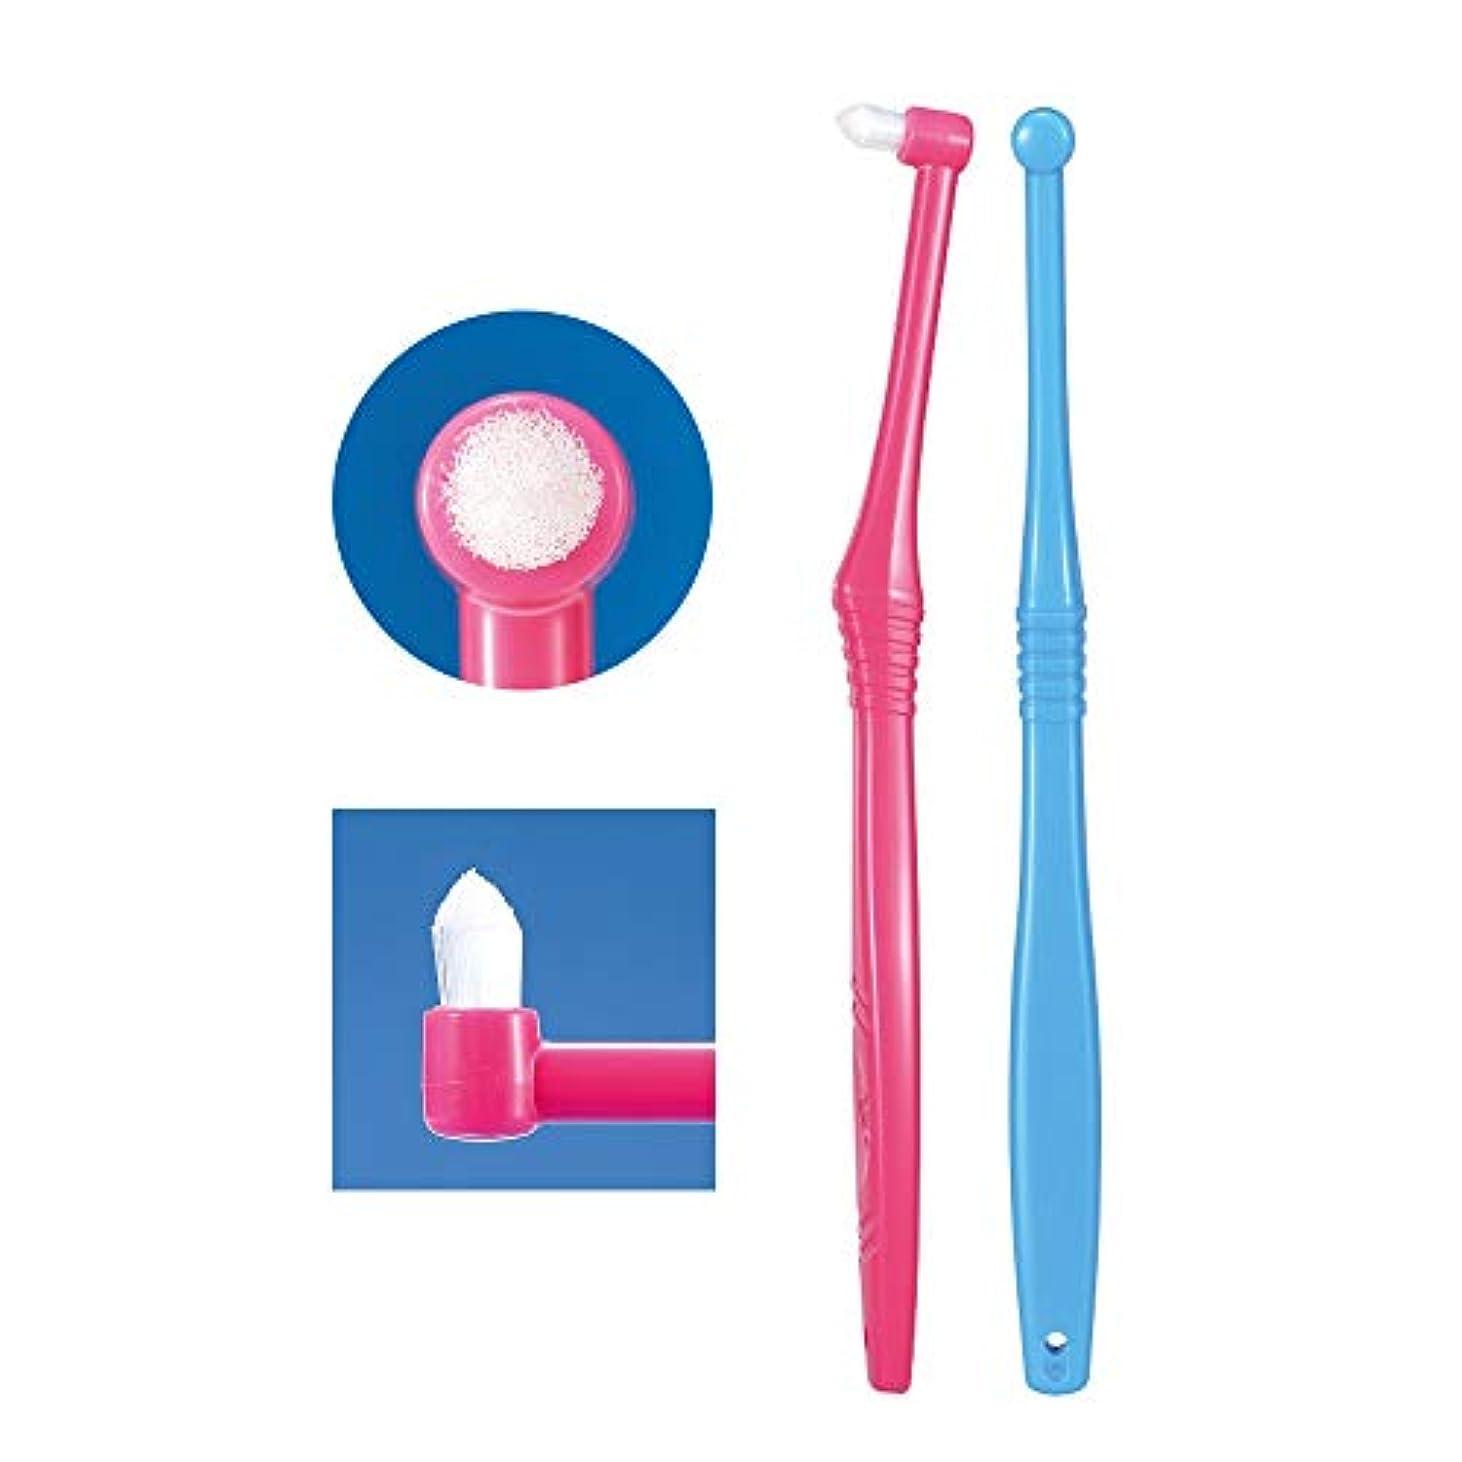 ブラシ取り出す胴体Ci PROワンタフト 1本 ラージヘッド S(やわらかめ) ポイント磨き 歯科専売品